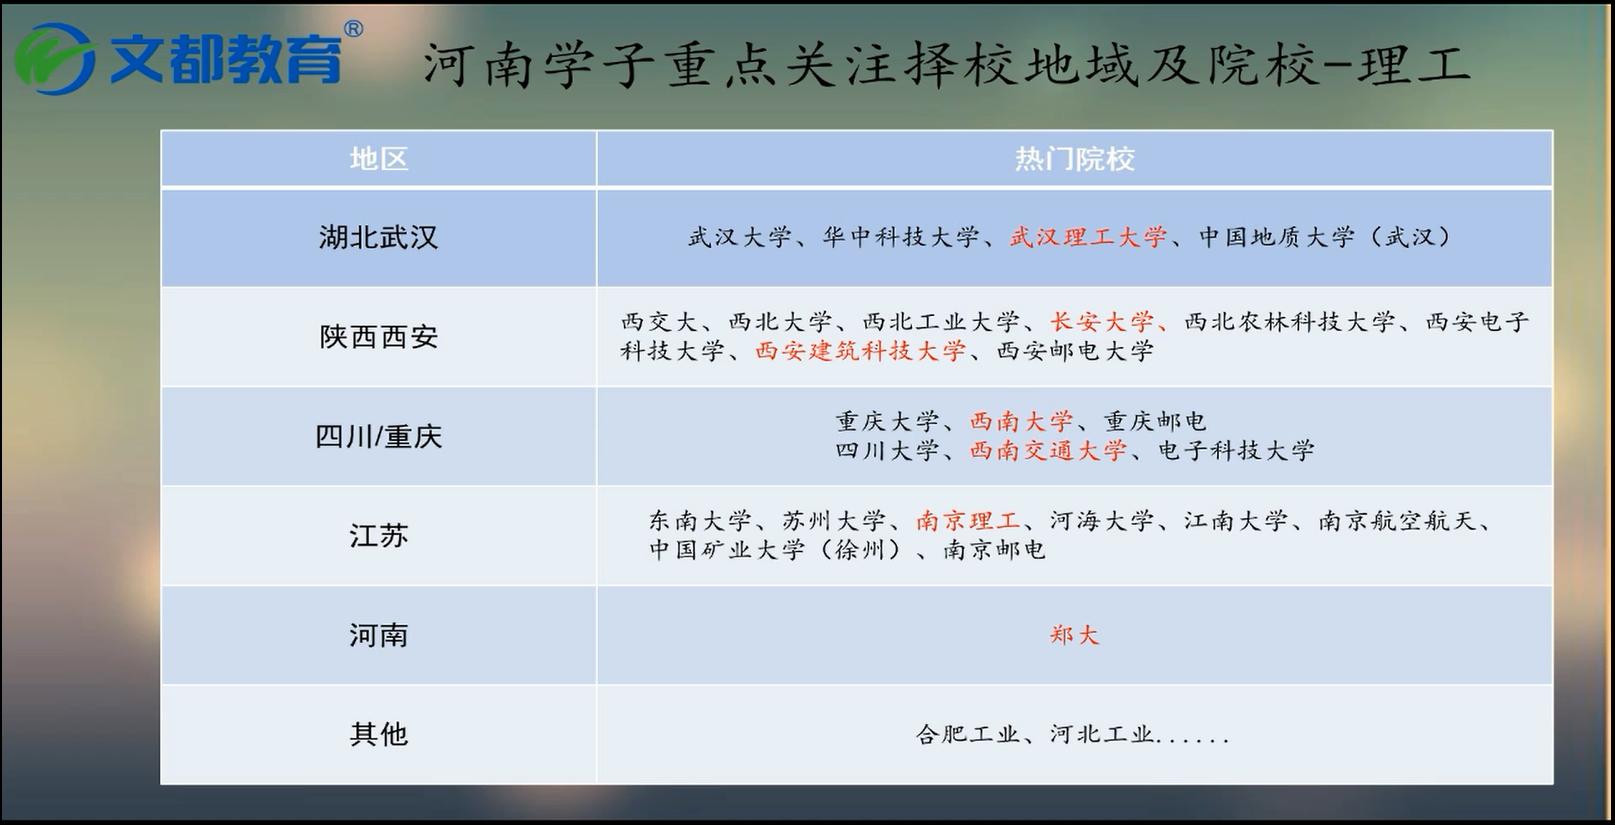 陕西2022年考研报名及考试时间 2022考研日期是几月几号